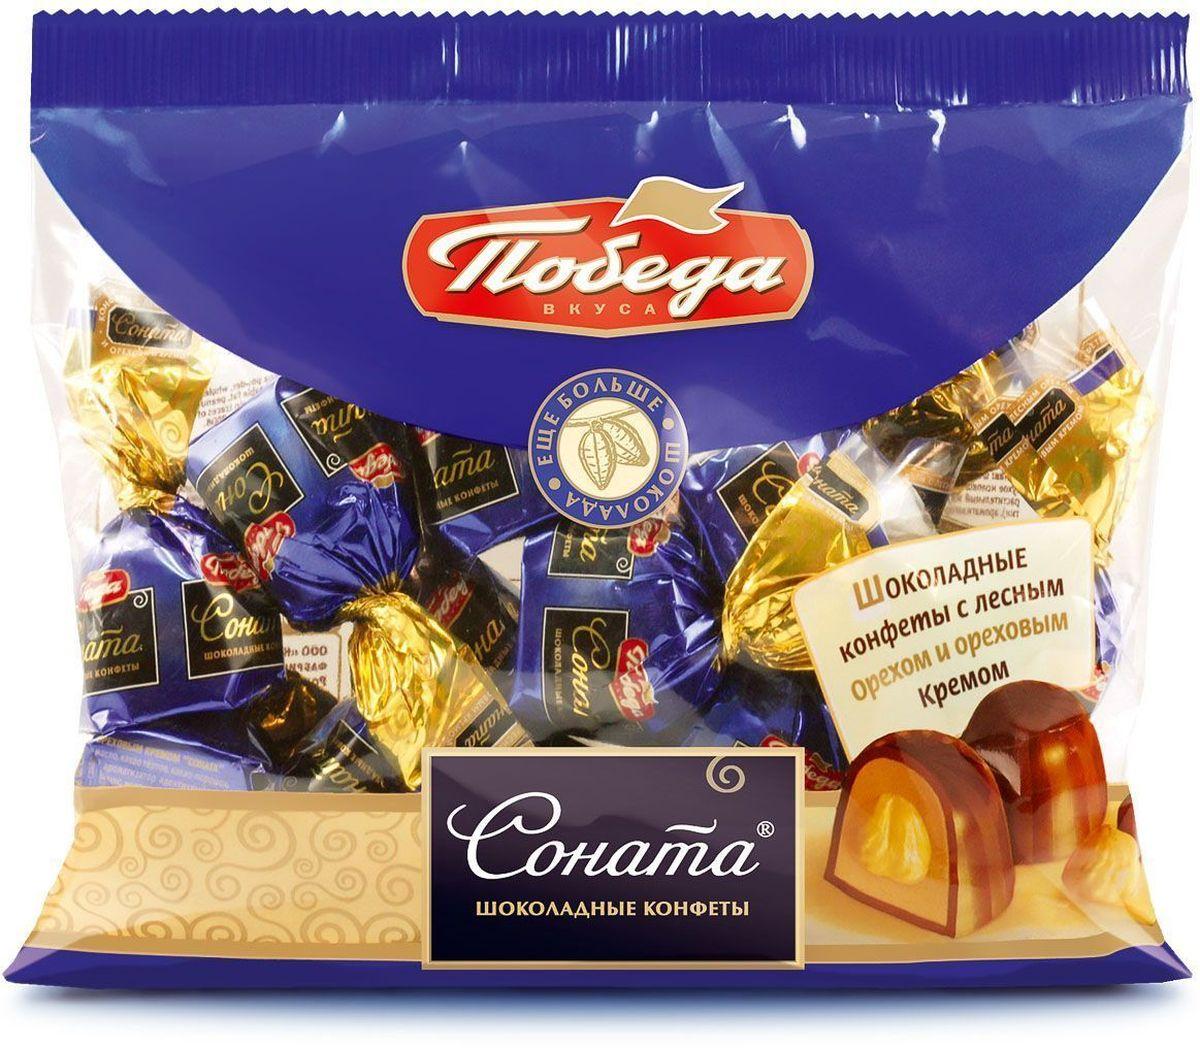 Победа вкуса Соната шоколадные конфеты с лесным орехом и ореховым кремом, 250 г4607039270266_русские узорыЭто красивое и вкусное слово пралине впервые появилось во Франции в 18 веке. Шеф-повар знаменитого маршала и дипломата Цезара дю Плесси-Пралин (Cesar du Plessis-Praslin) назвал в его честь конфеты из тертого миндаля, покрытые шоколадом. Вслед за Францией и Бельгией, это наименование распространилось повсеместно и стало общепринятым названием для шоколадных конфет с разнообразными ореховыми начинками. Мы рады предложить вам конфеты пралине из тертого фундука с цельным орехом внутри, покрытые классическим молочным шоколадом.